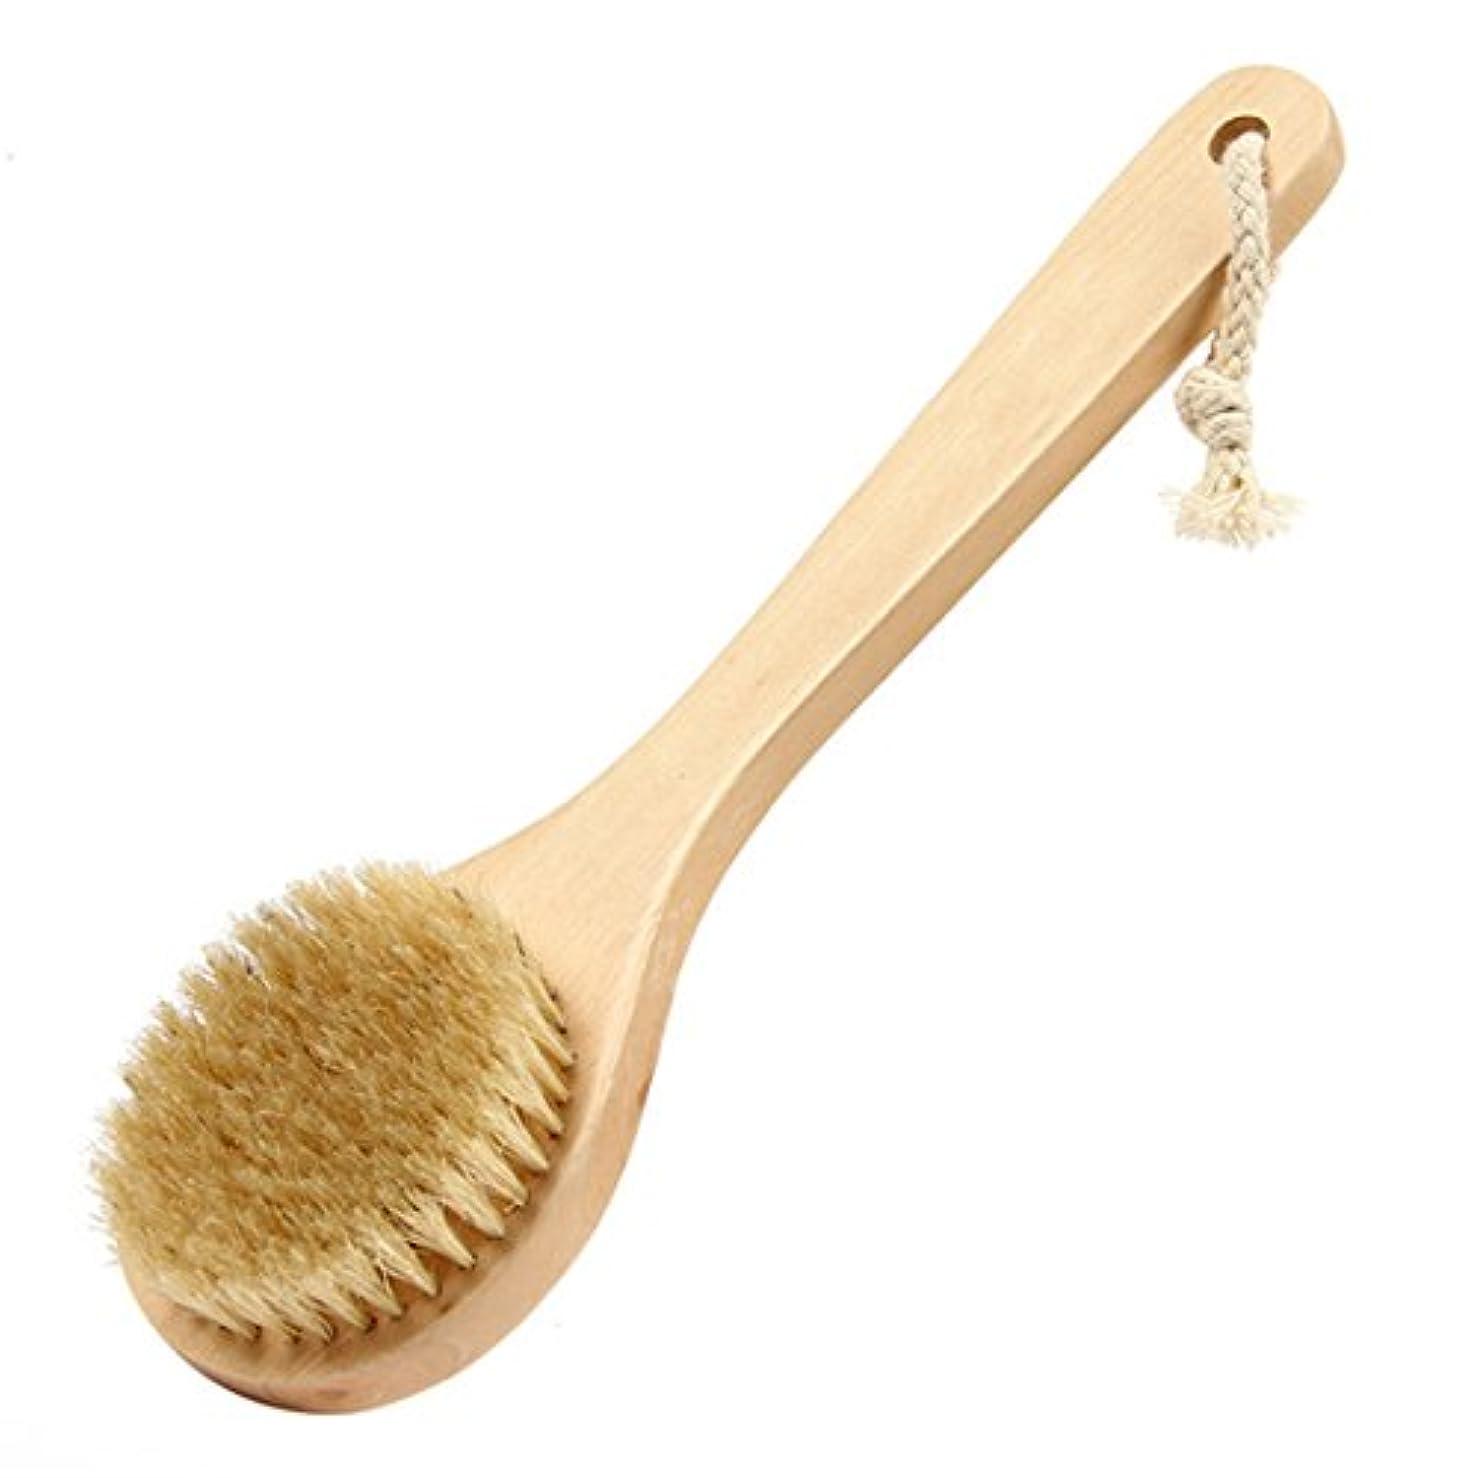 木製 バスブラシ 長柄 リーチ バックボディー 背部 シャワー ブリストル マッサージ 剛毛 SPAスクラバー ボディブラシ